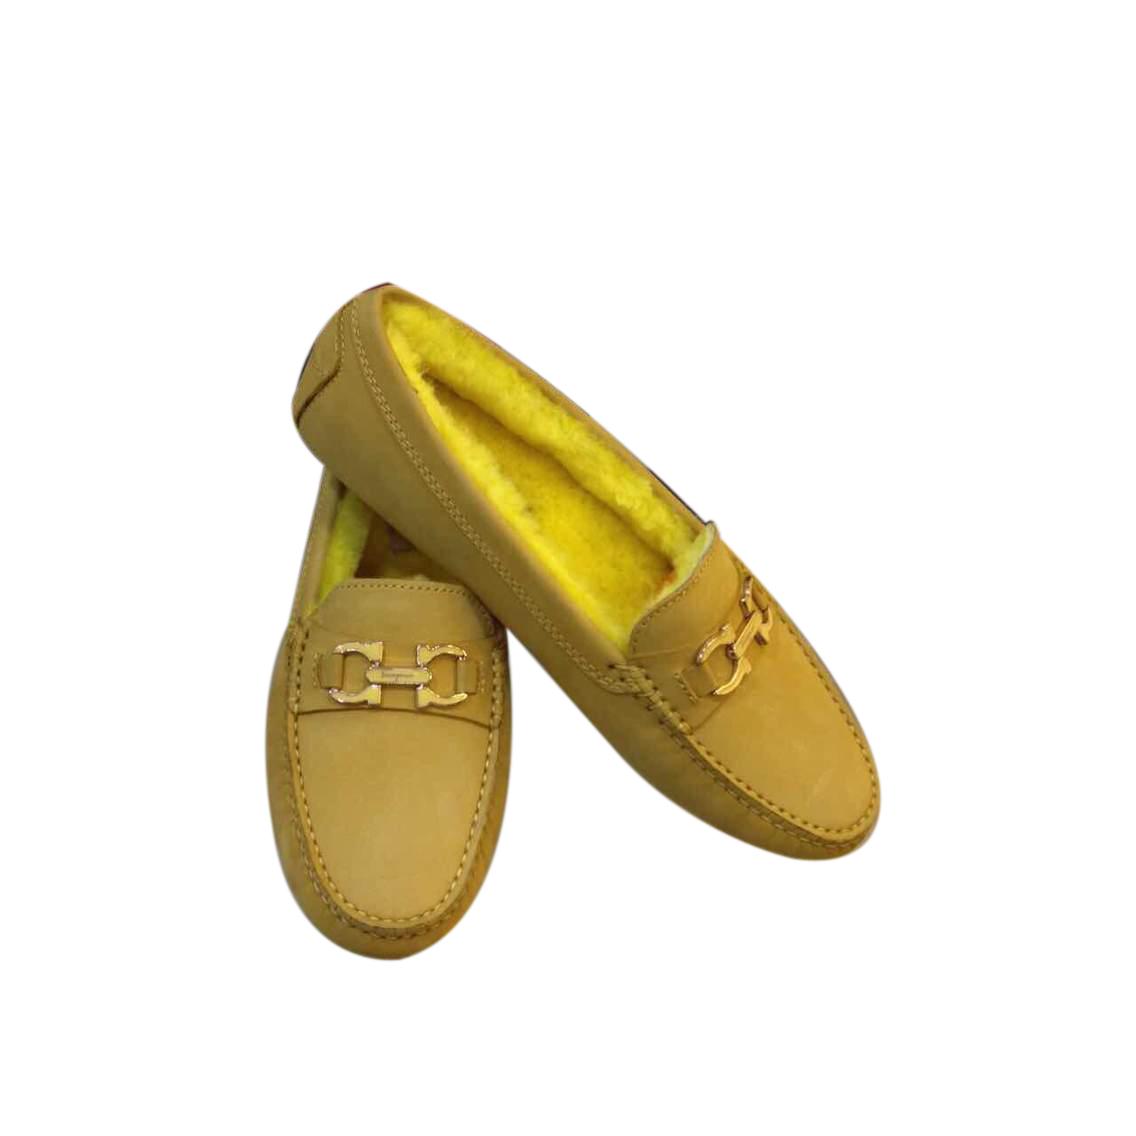 RB鞋底厂家供应